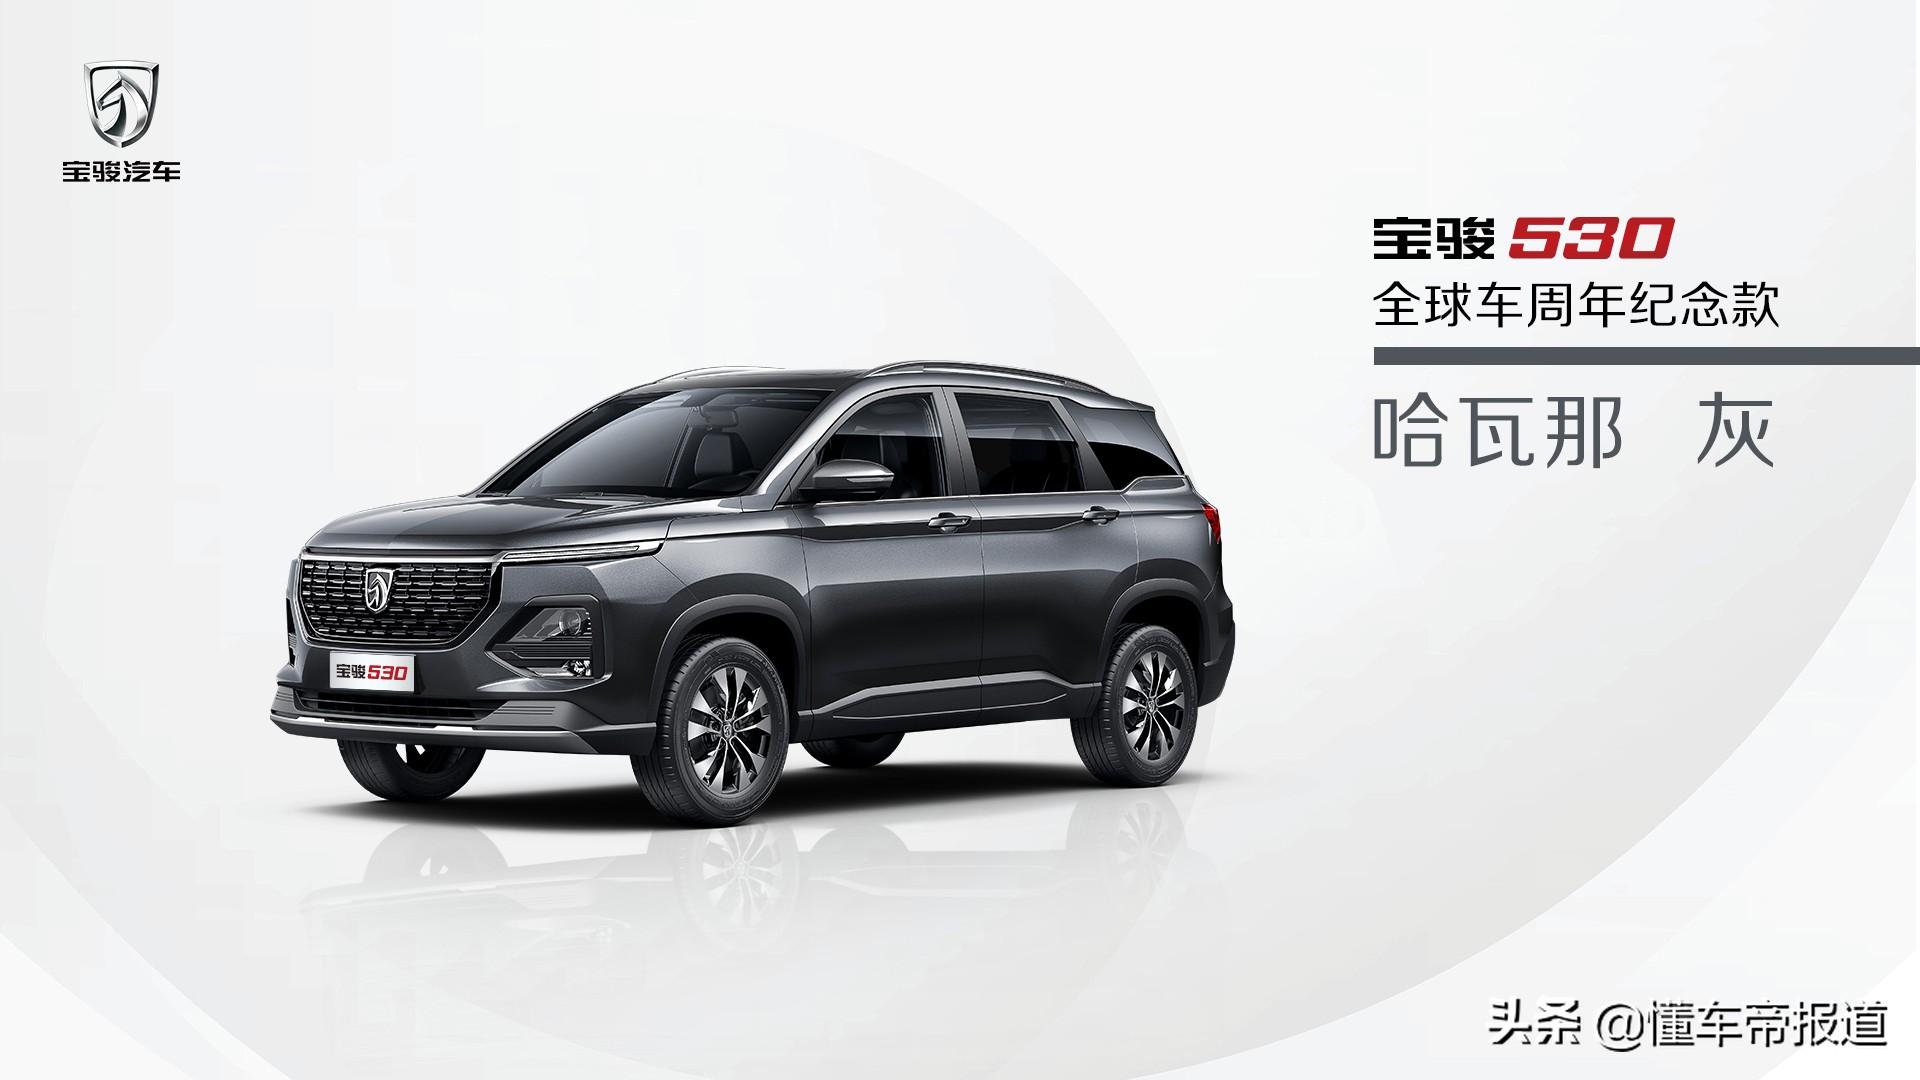 新车   独特车身配色 宝骏530周年纪念款9月17日上市